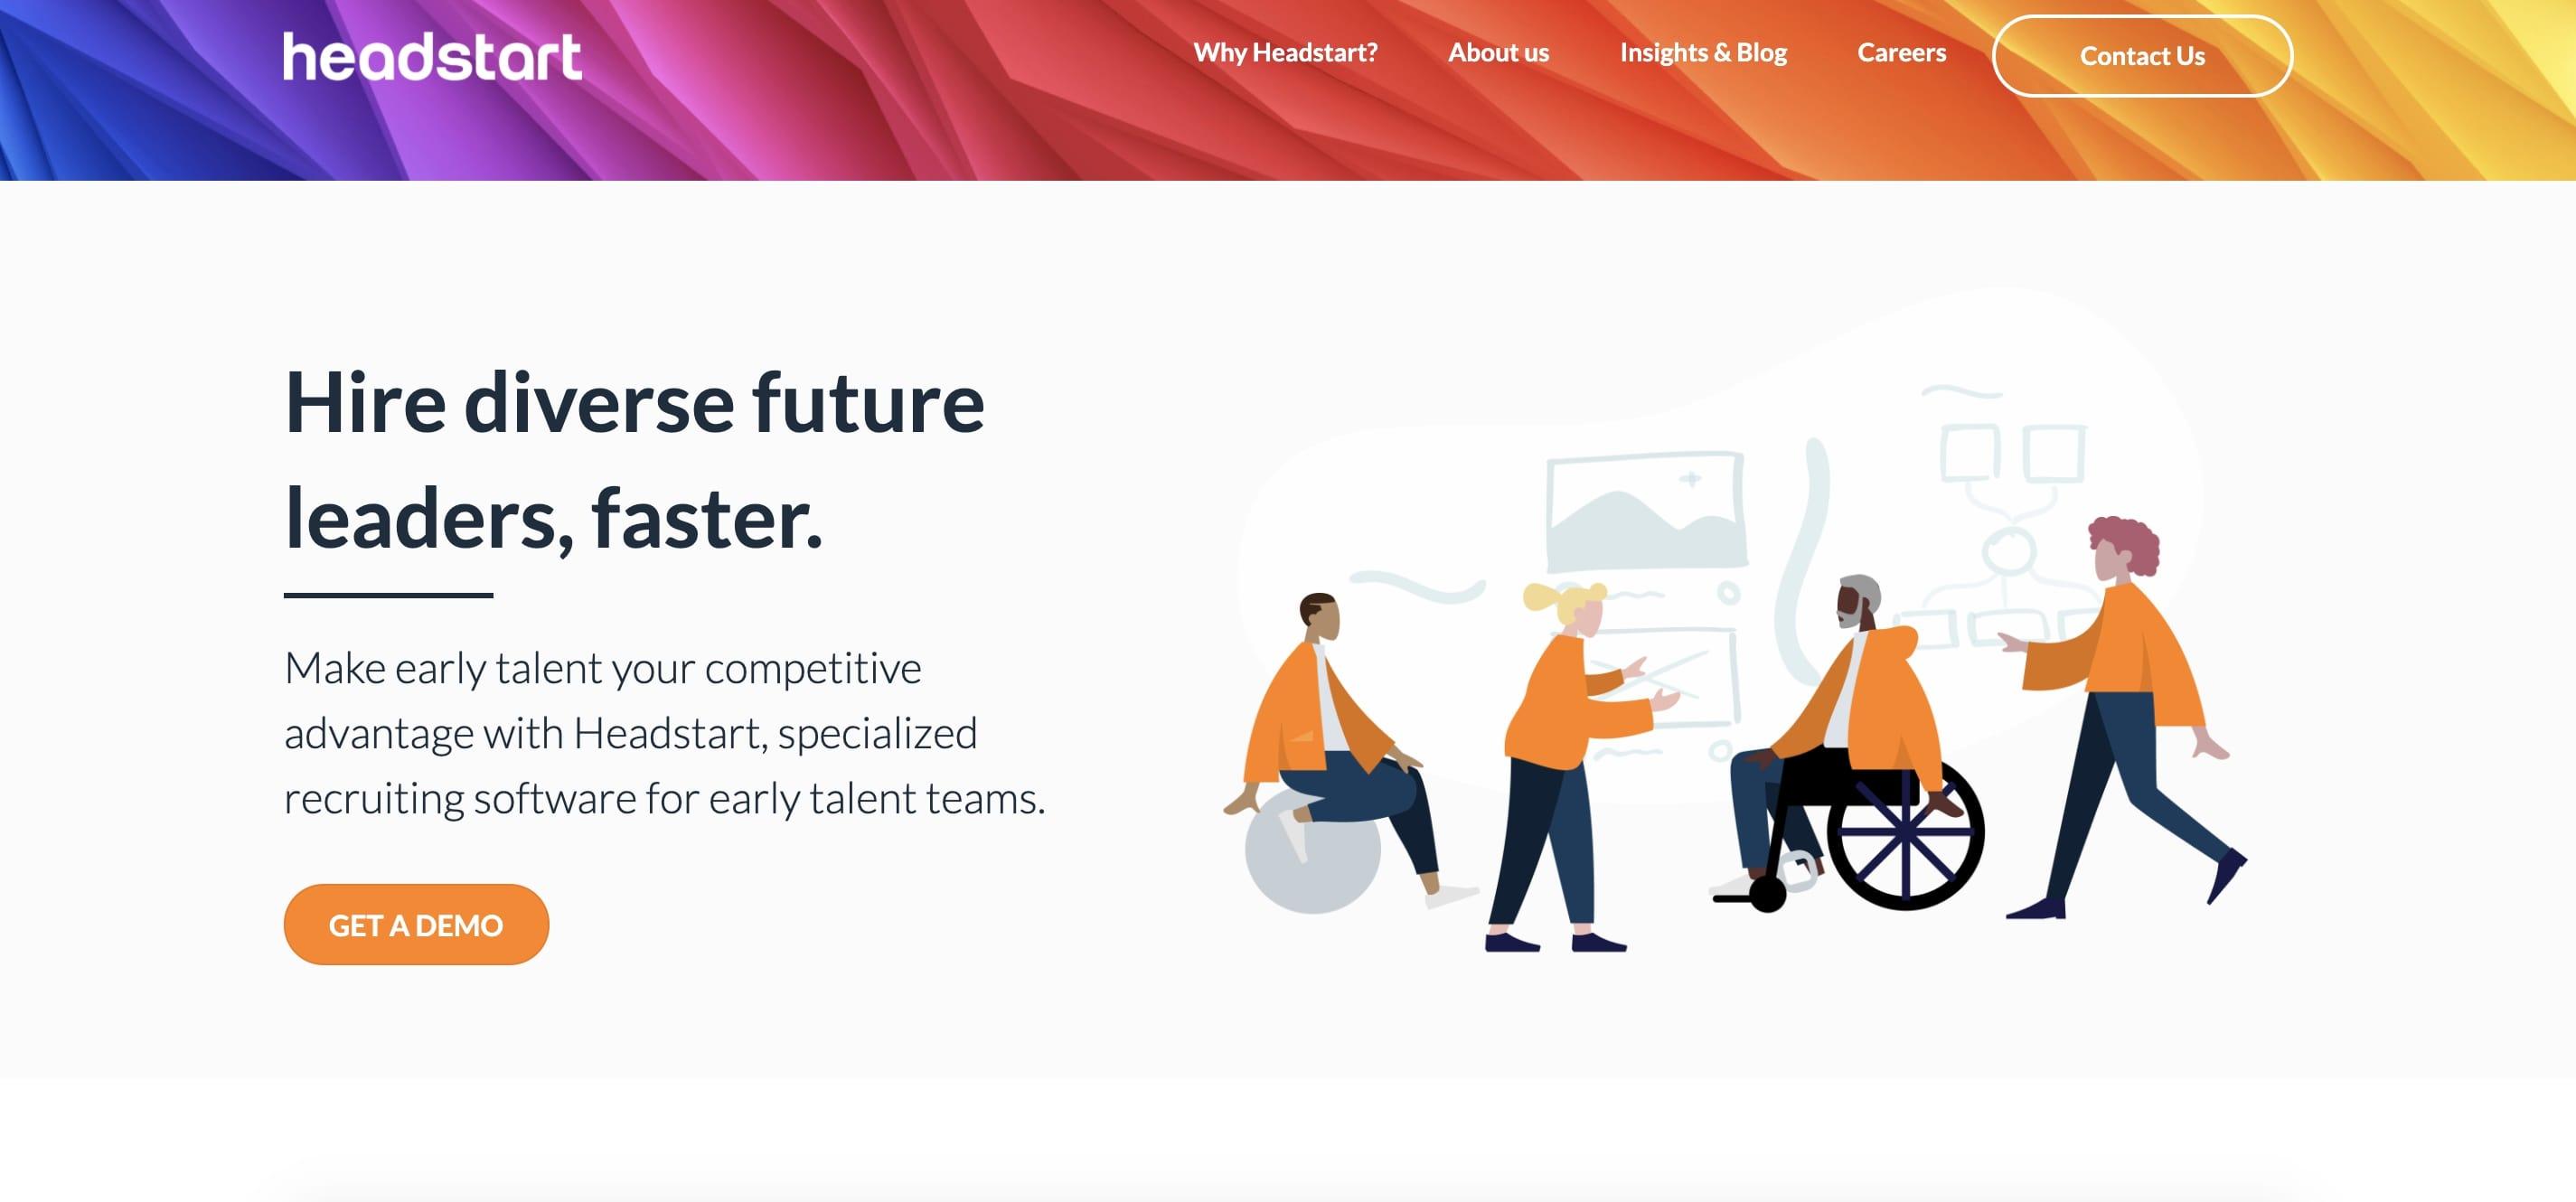 Headstart AI company website homepage